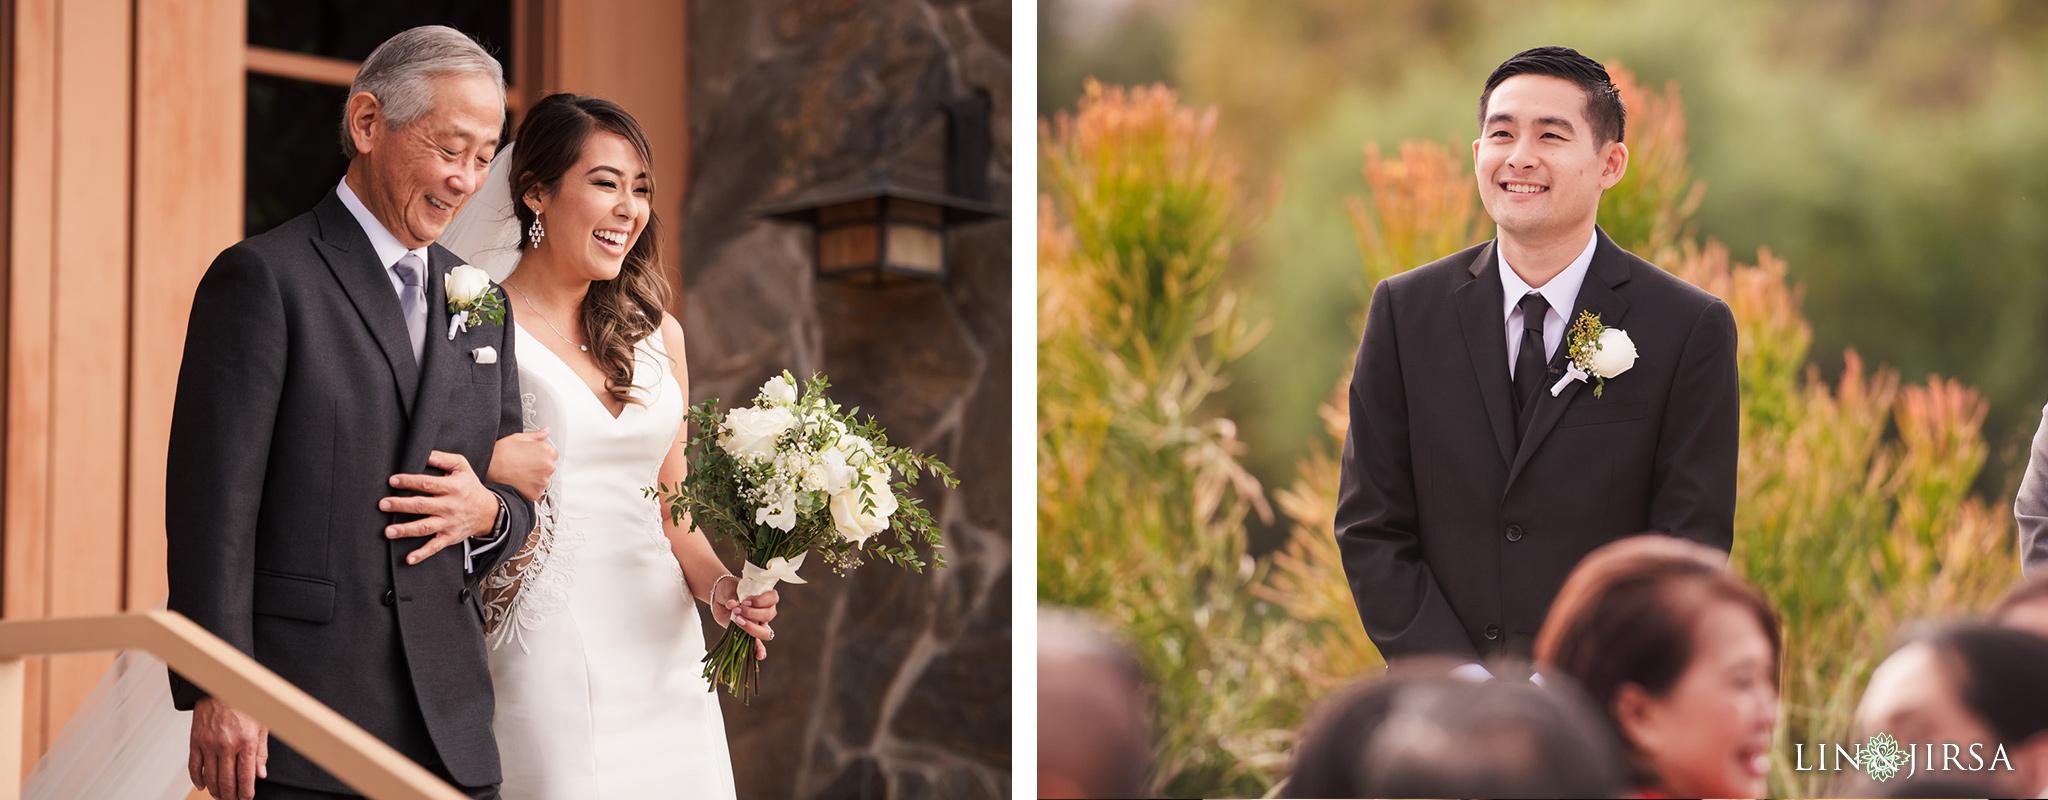 48 Coto de Caza Golf Club Wedding Photography